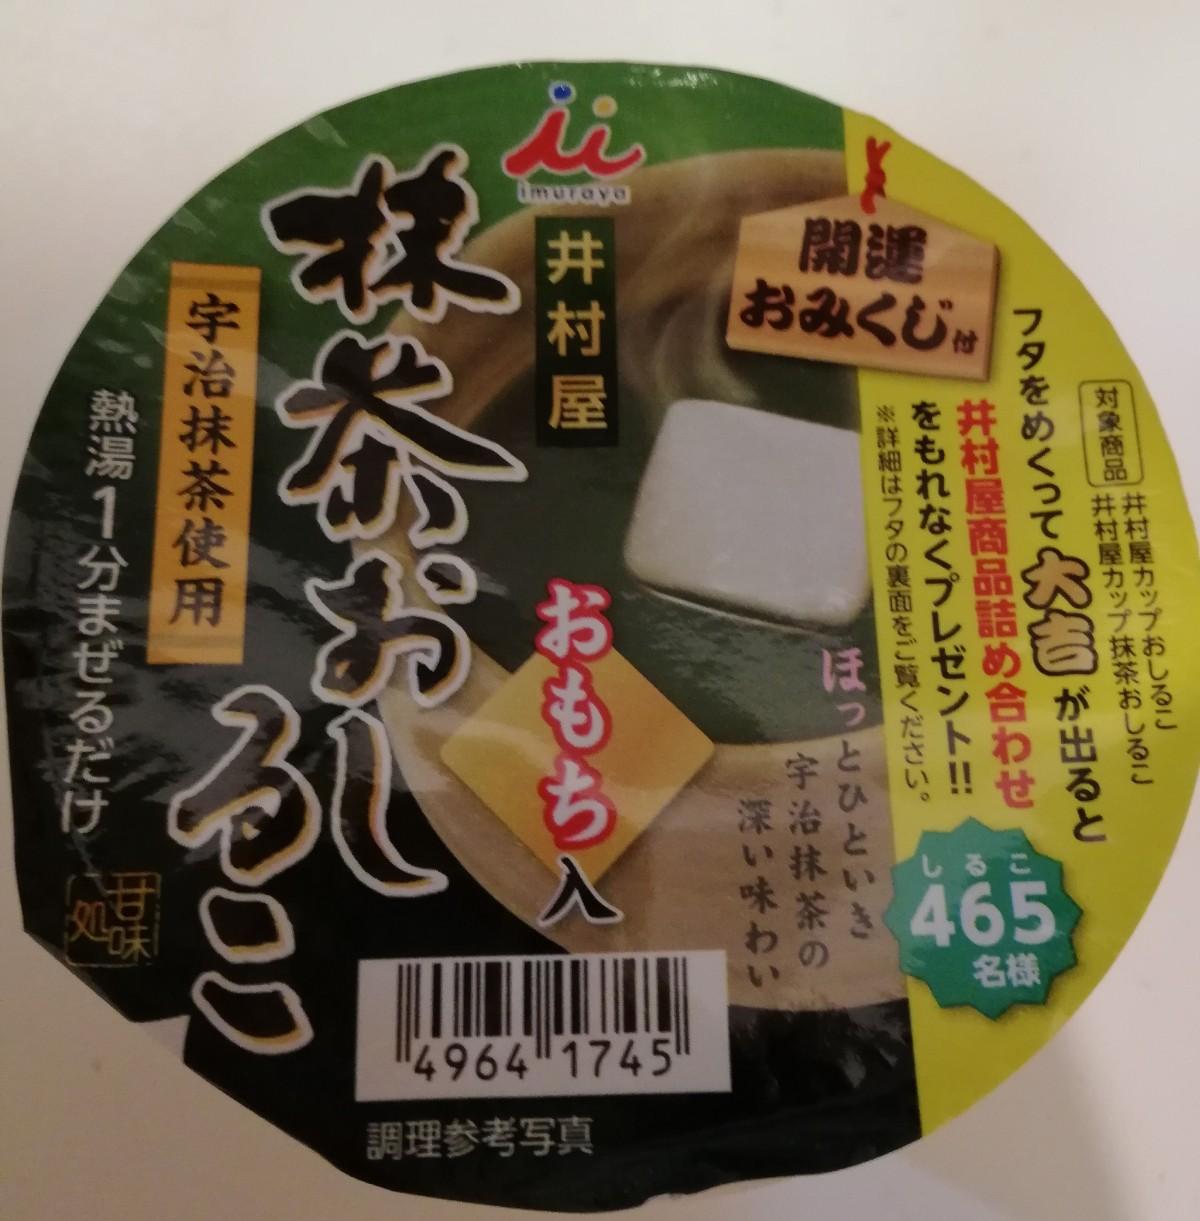 【さむーい季節はコレで決まり!】井村屋 抹茶おしるこ おもち入